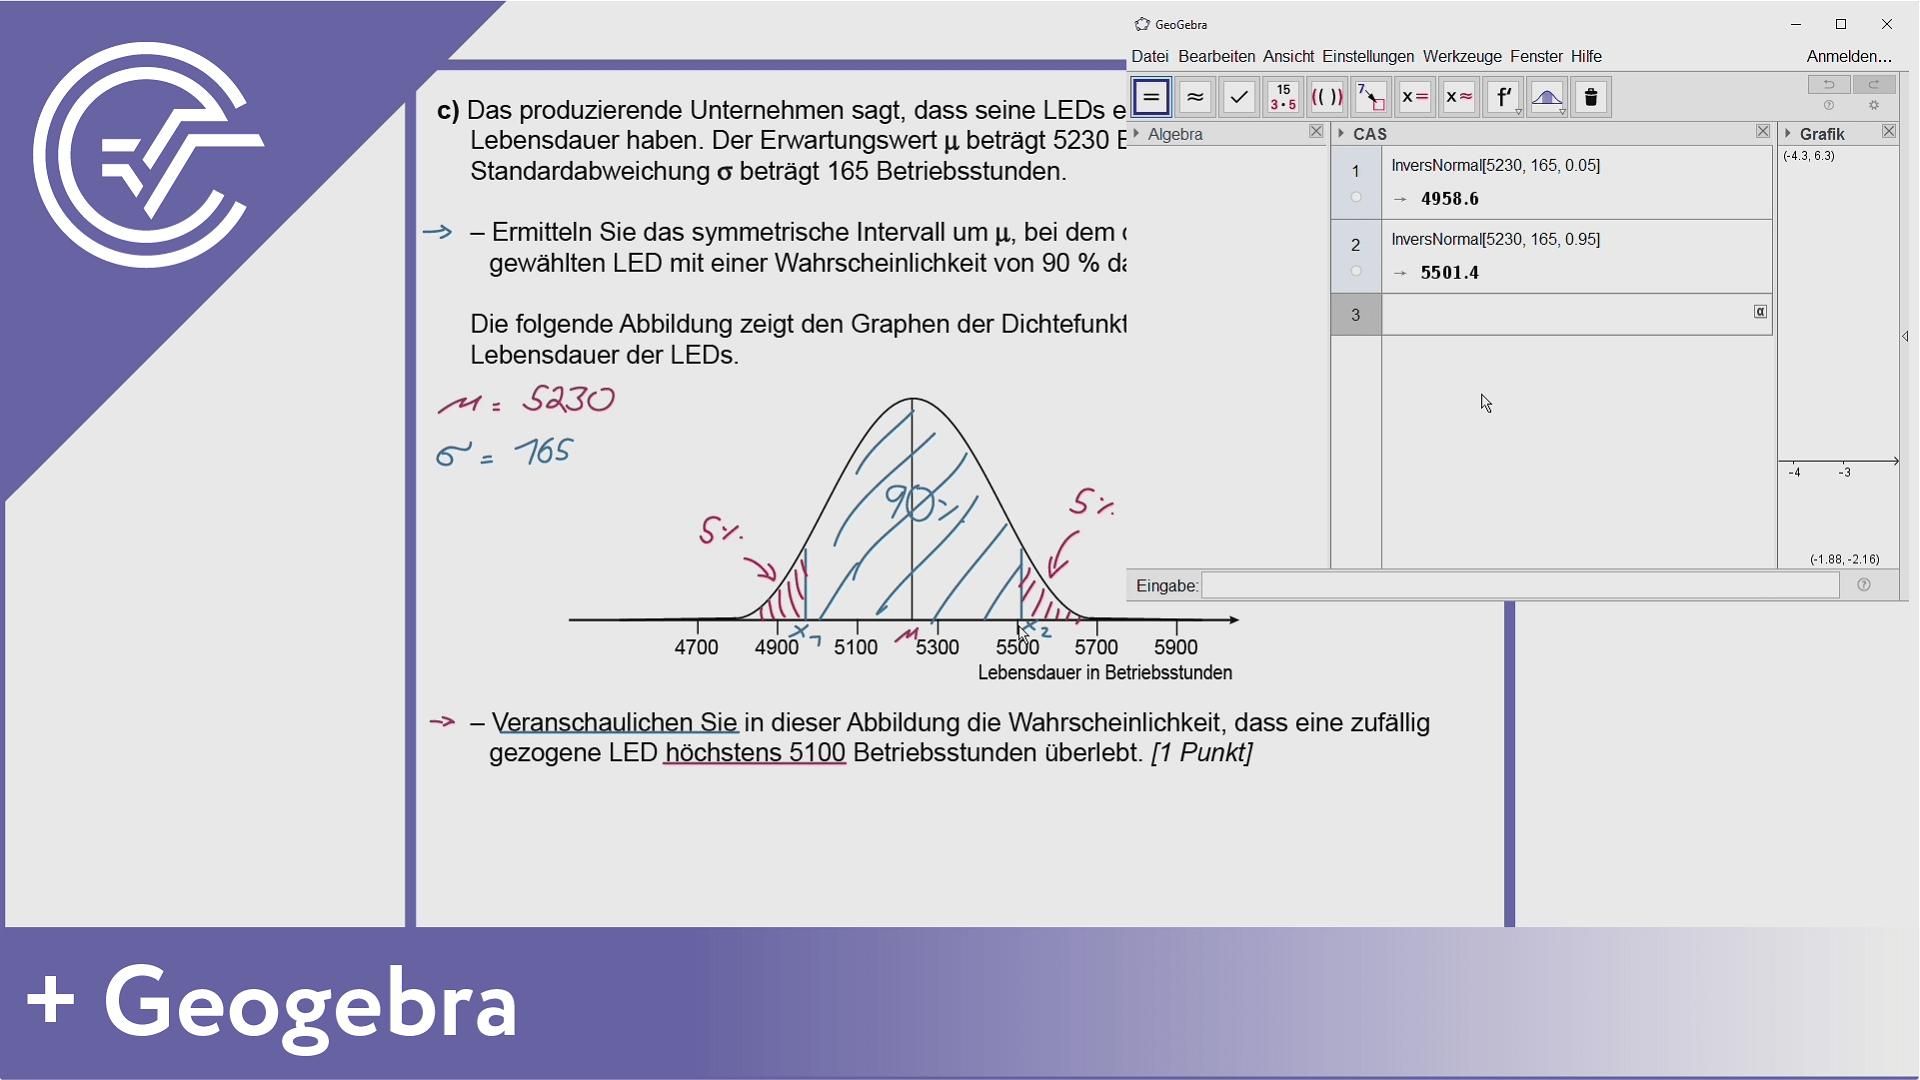 BHS Zentralmatura Aufgabe 5c - Normalverteilung mit Geogebra